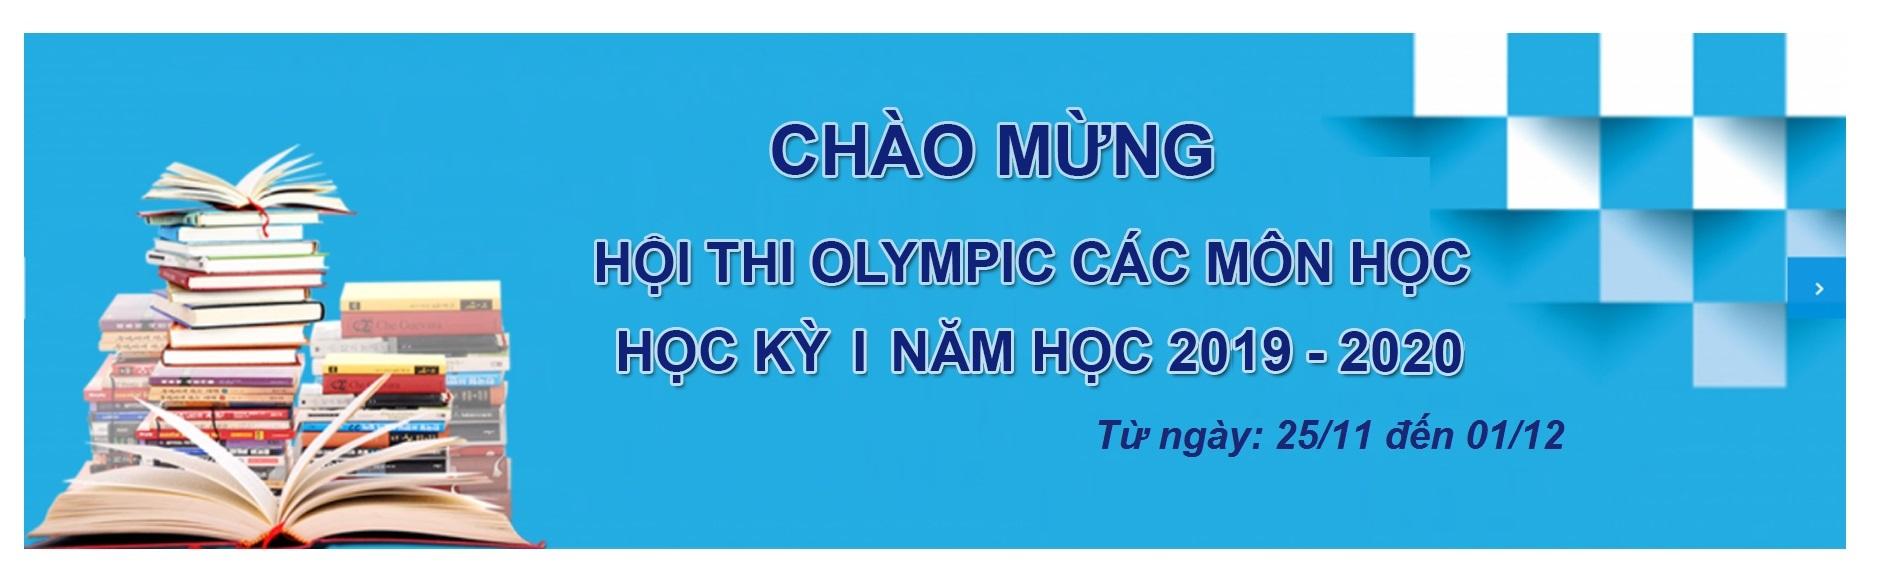 Chào mừng hội thi Olympic